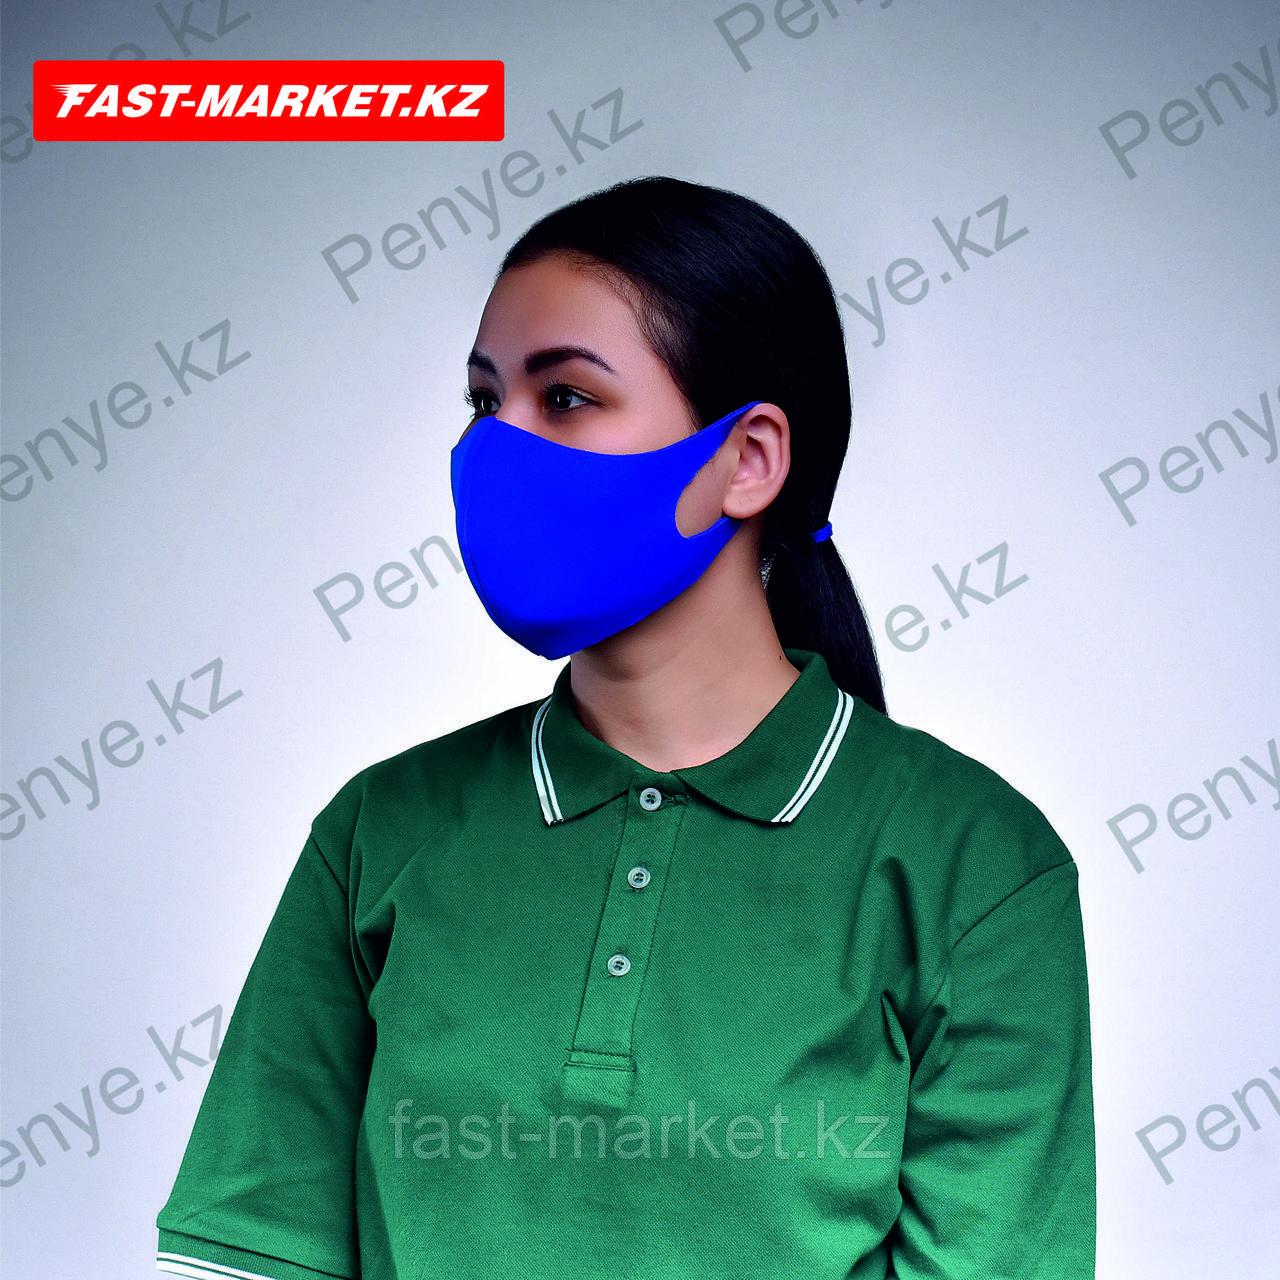 Пошив масок с логотипом в Алматы